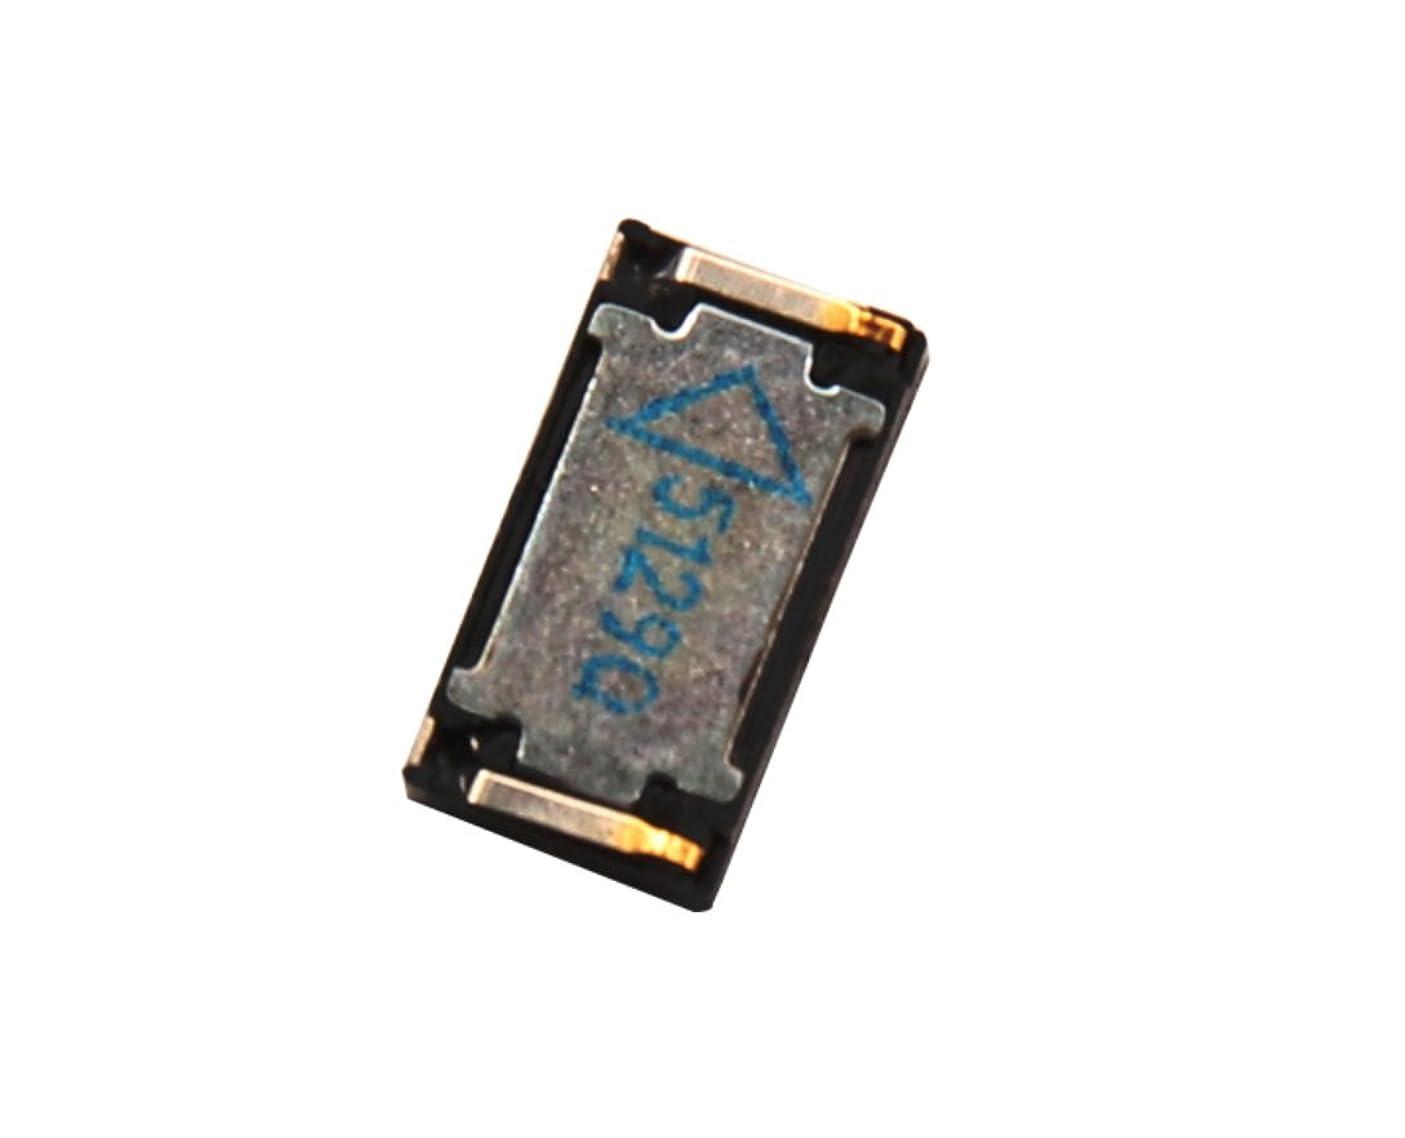 急ぐ疑問を超えて満足できるSony Xperia Z5 Compact 修理用 ラウドスピーカー (着信音) Teyissalia イヤースピーカー (耳をあてる) 修理パーツ 交換部品 (イヤースピーカー 耳をあてる)